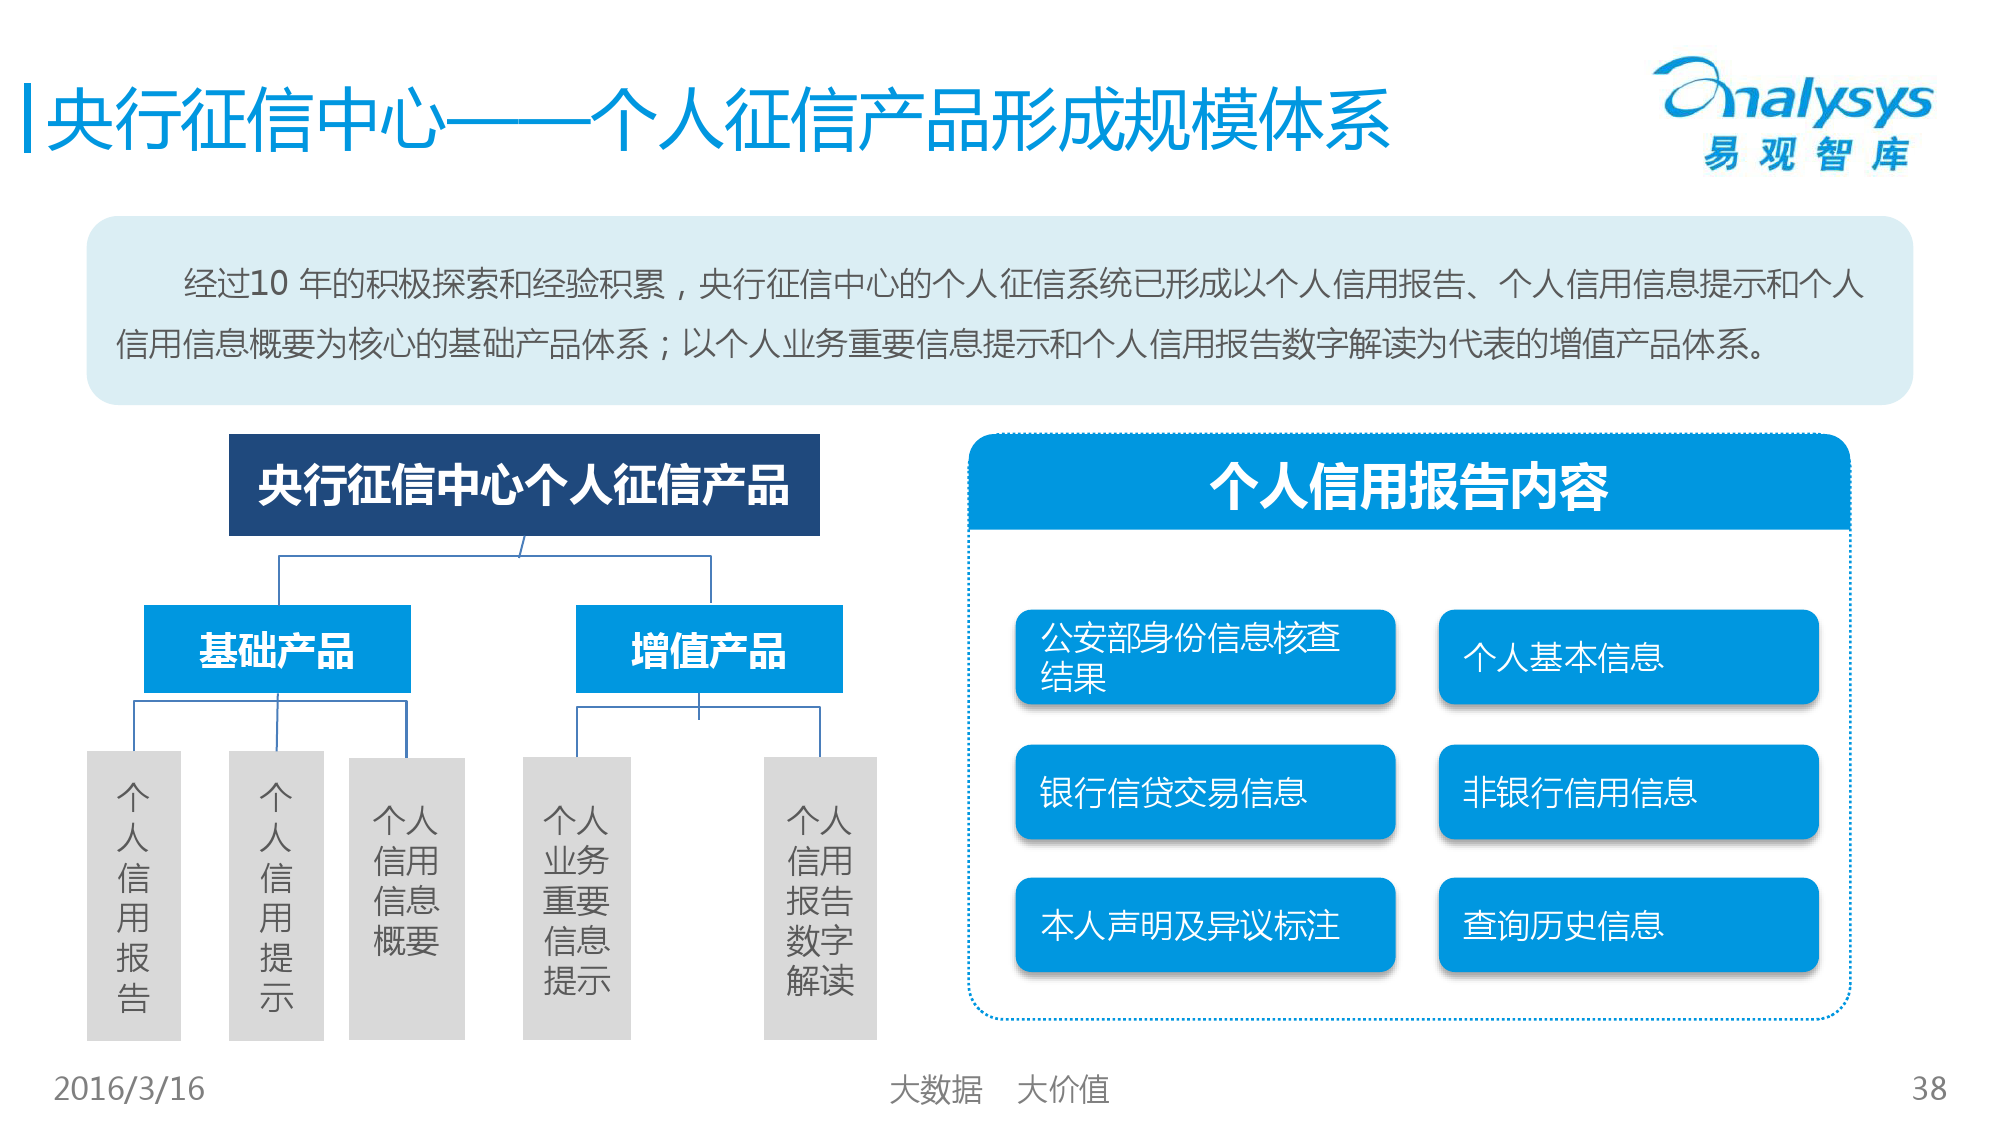 中国征信行业专题研究报告2016_000038